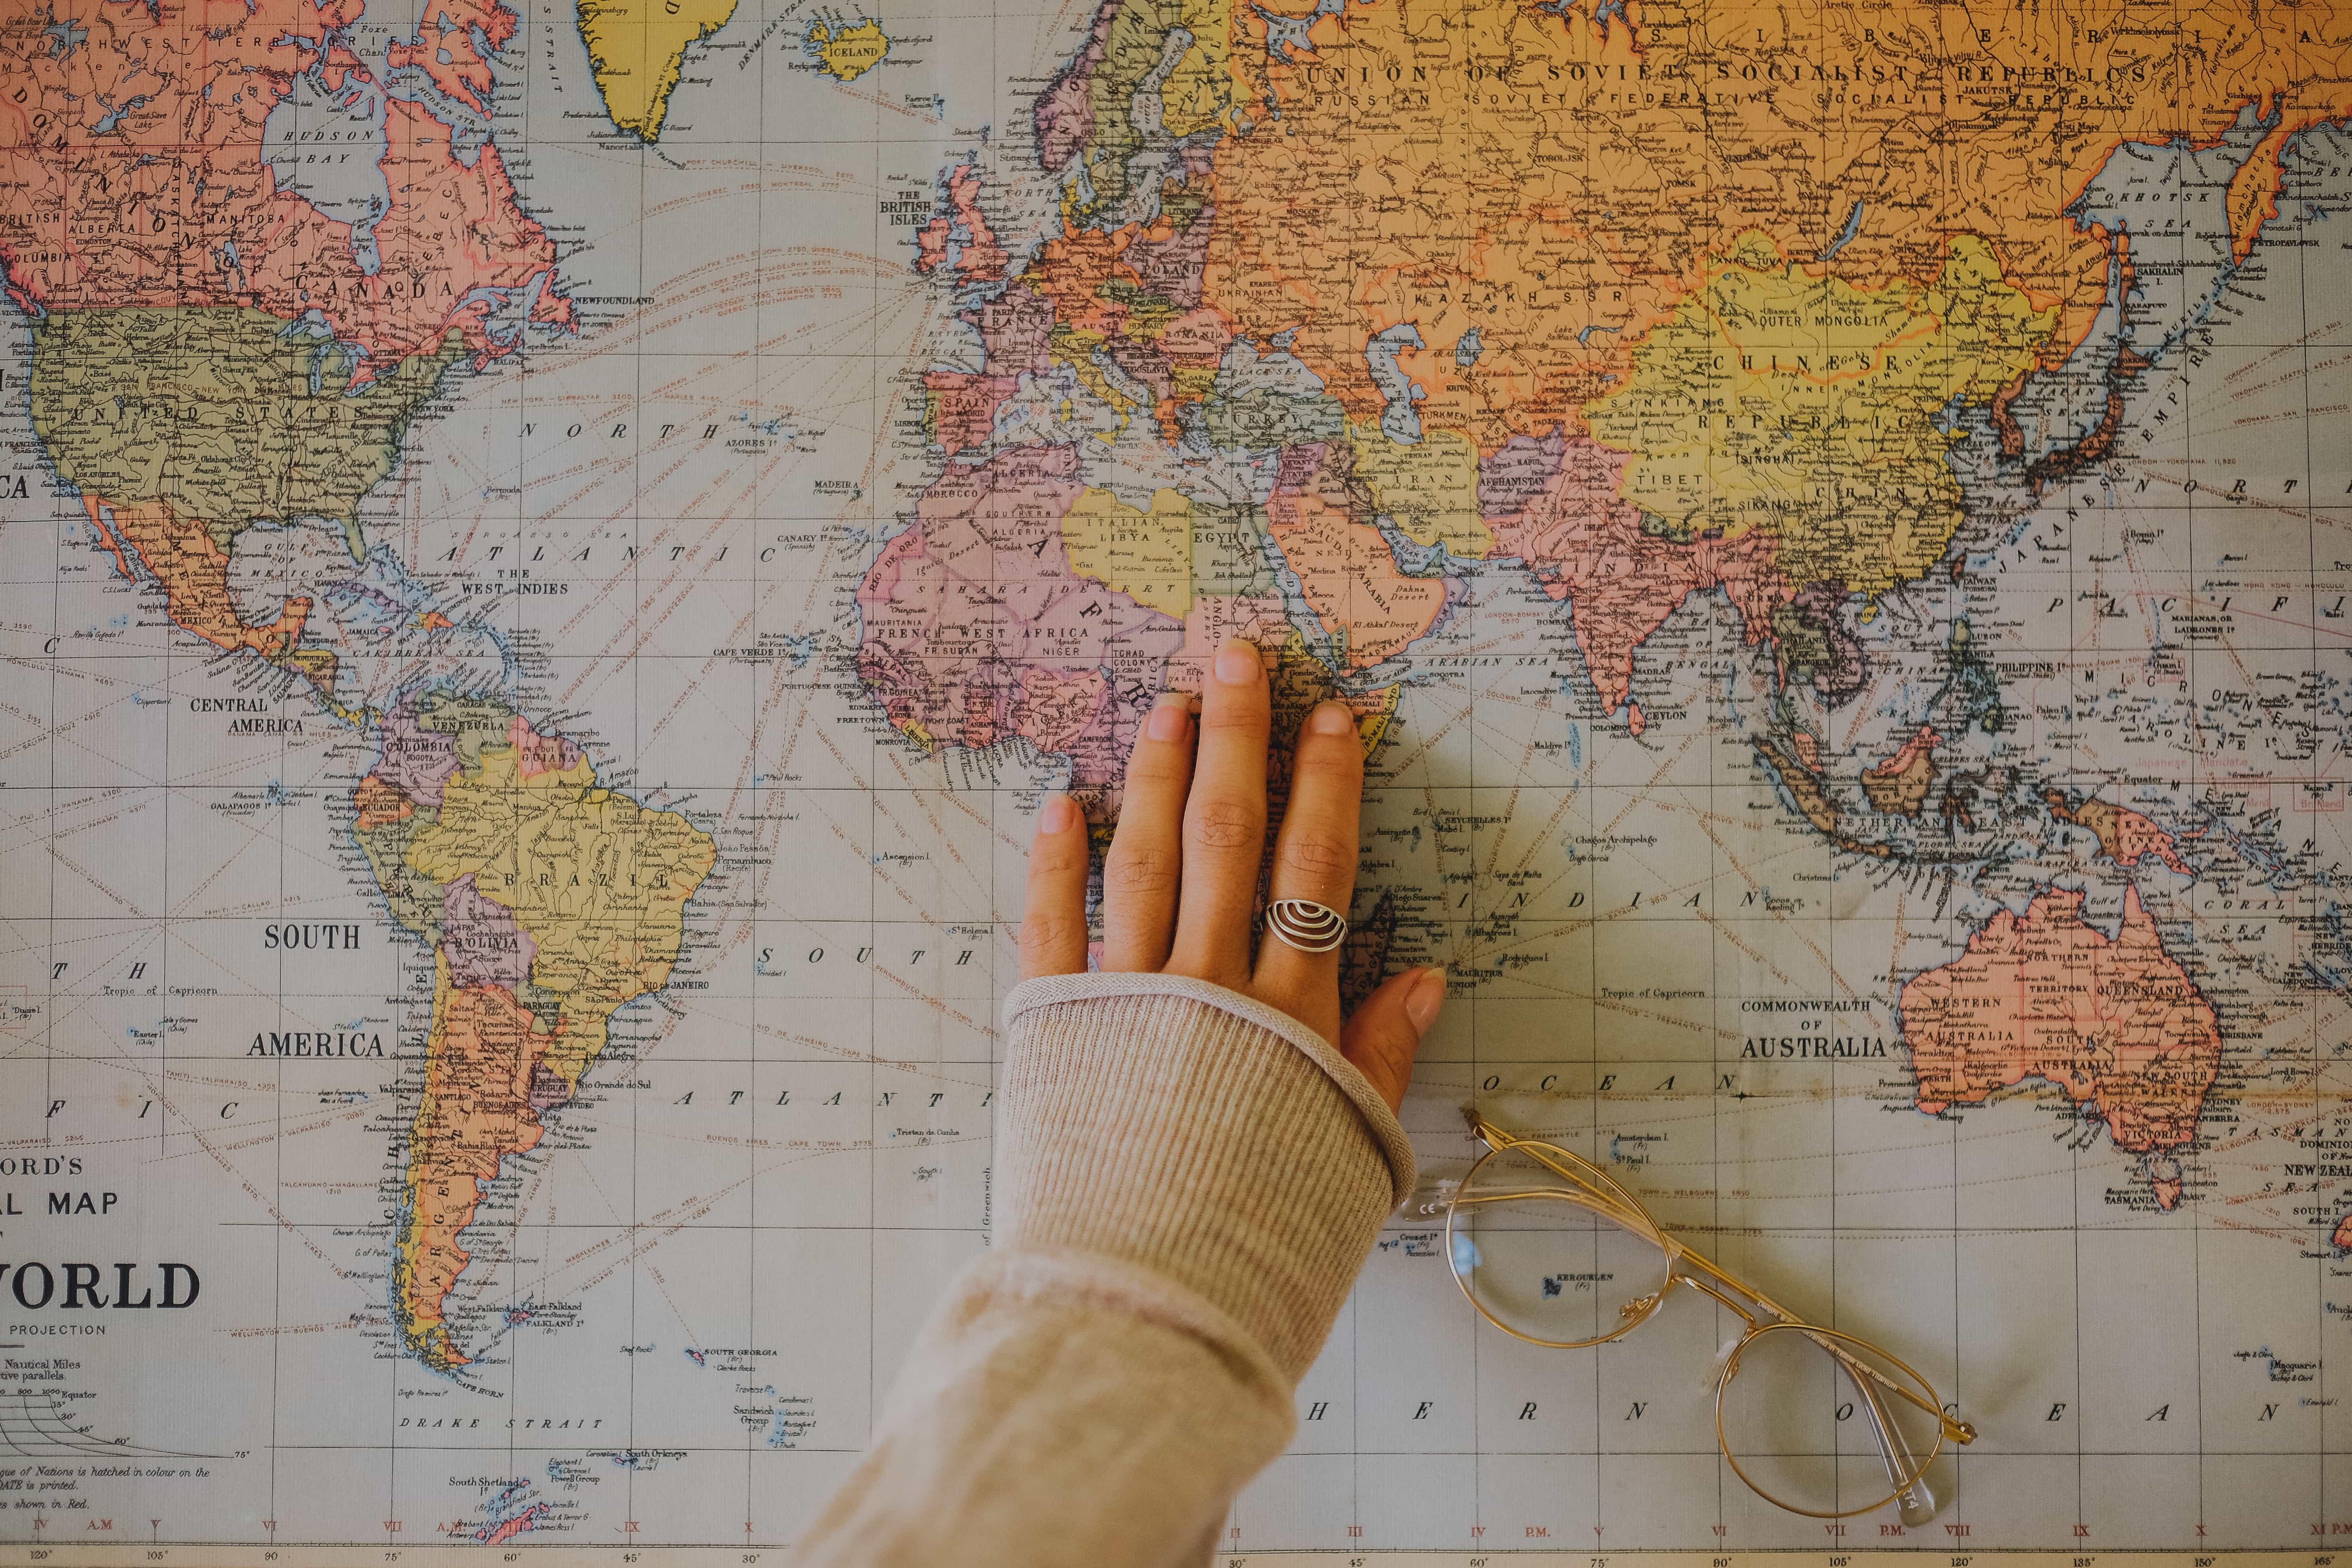 Kviz Prever Sa Ako Dobre Zvladas Slepu Mapu Sveta Dokazes Urcit